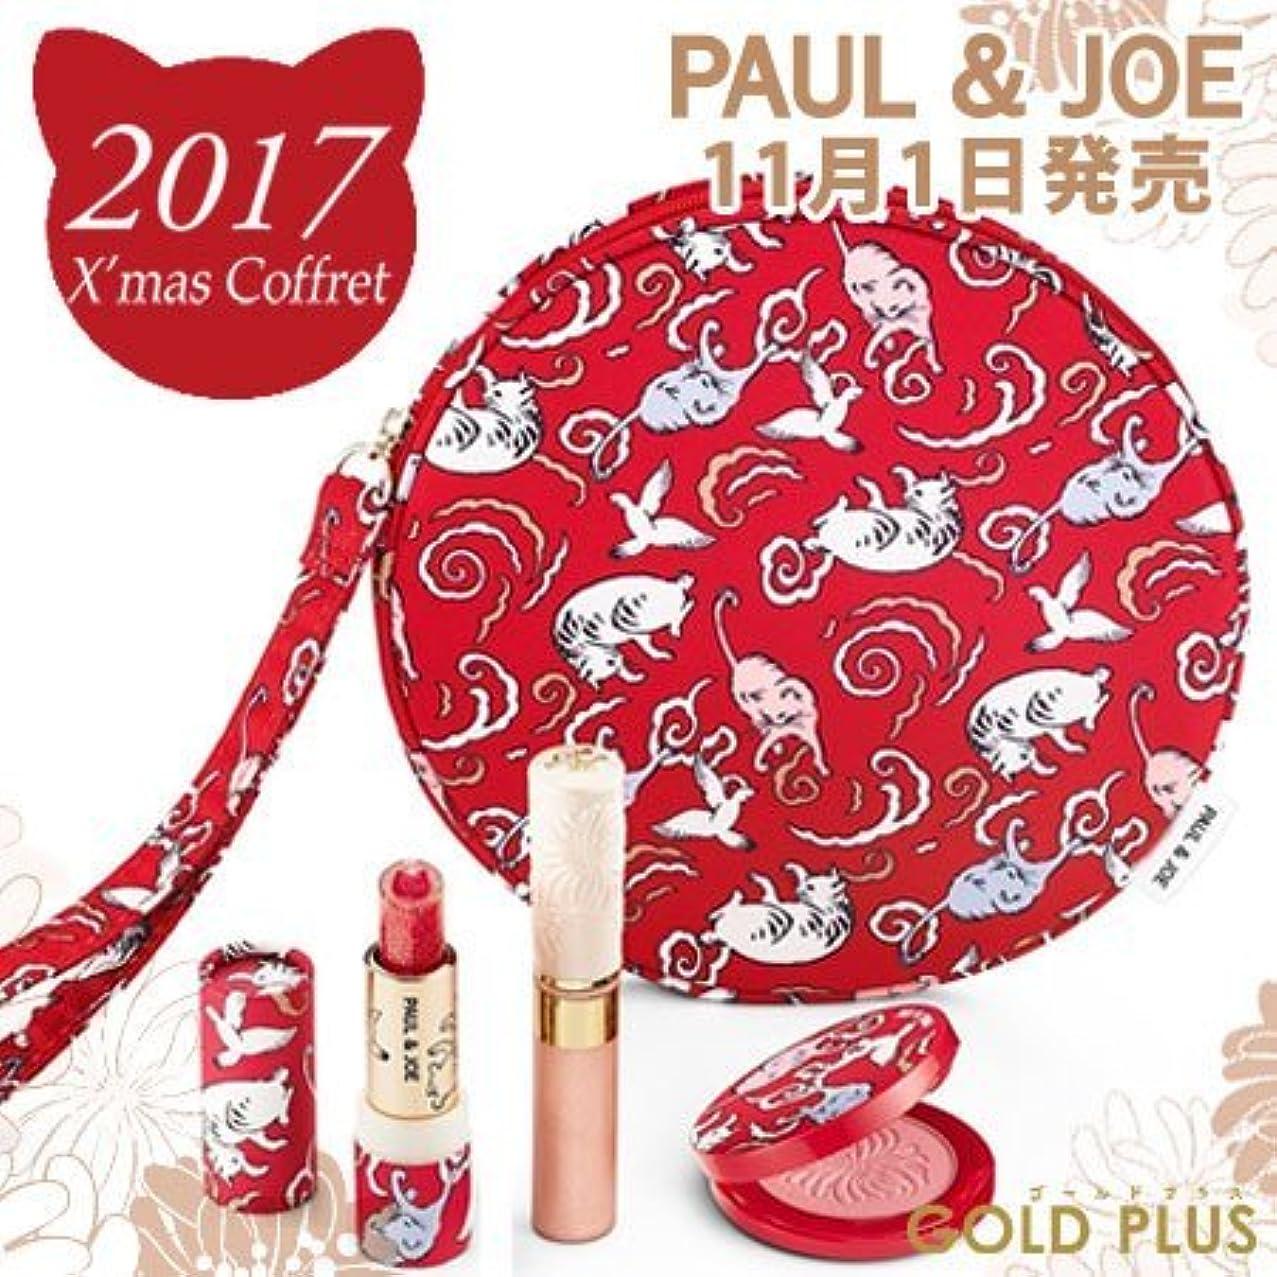 幸運なことに幸運汚染されたポール&ジョー メイクアップ コレクション 2017 【 2017 クリスマス コフレ 】限定品 -PAUL&JOE-